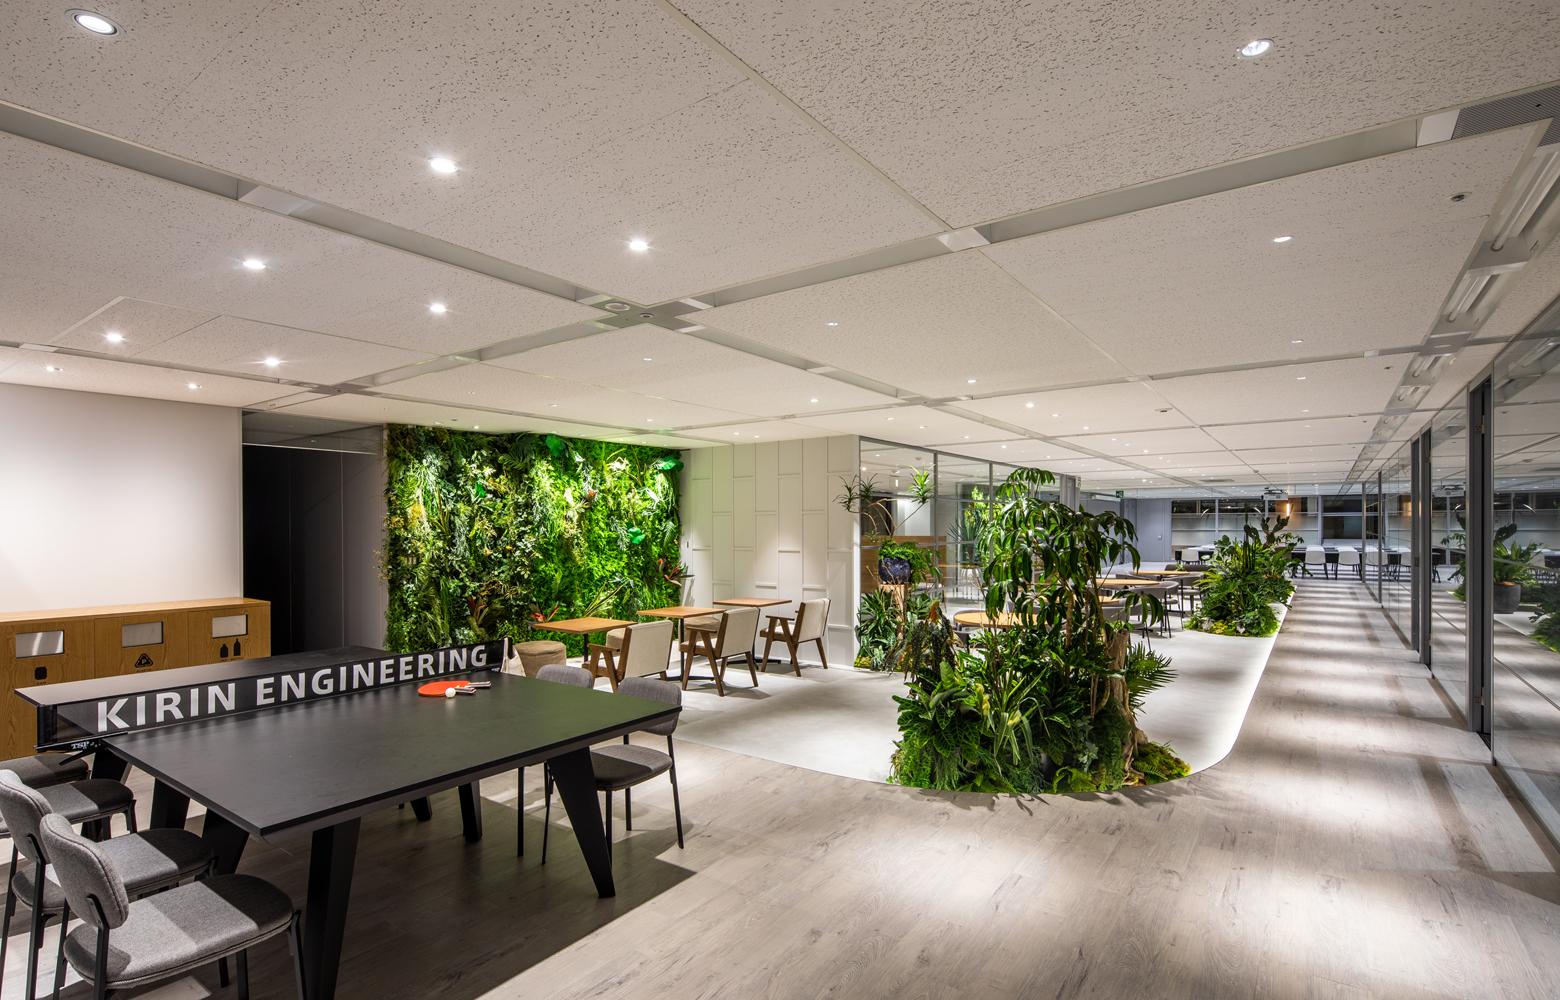 キリンエンジニアリング株式会社 Work Lounge_4 デザイン・レイアウト事例